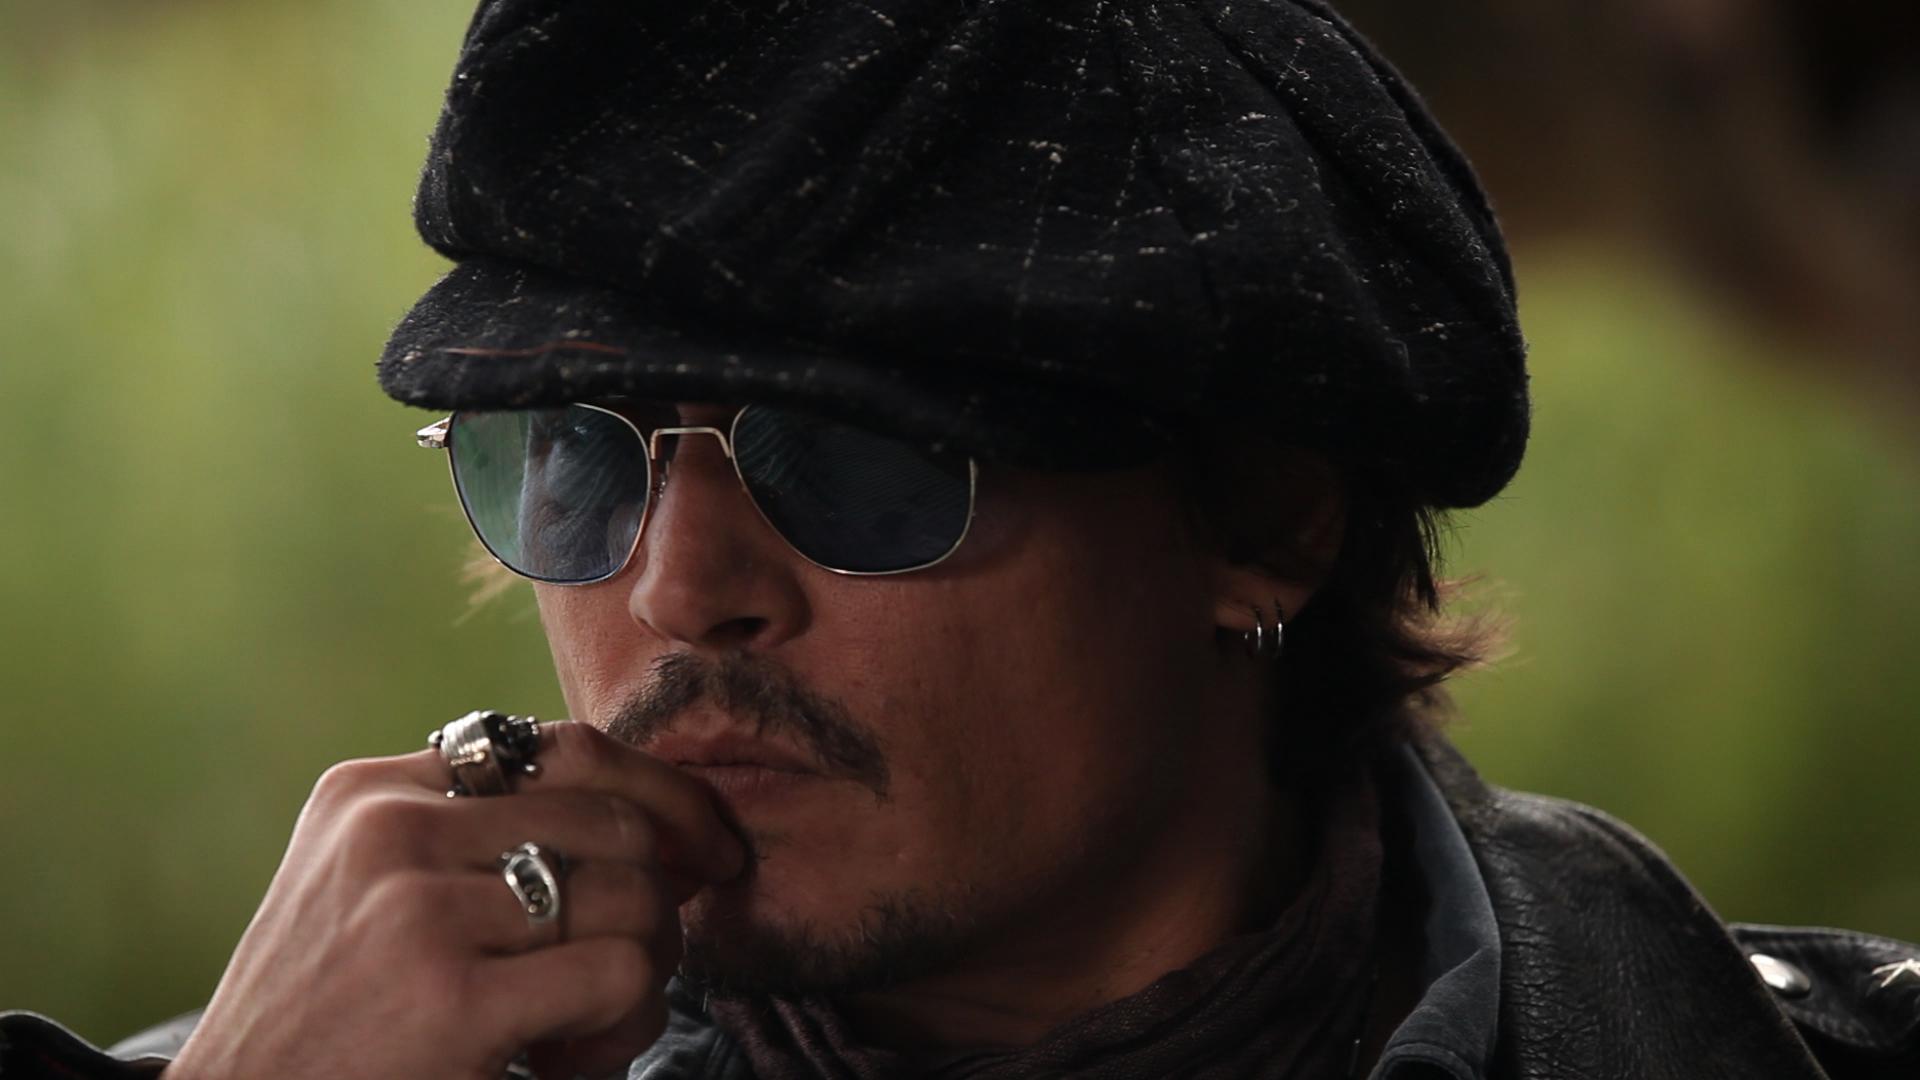 ジョニー・デップ 『サンセット・ストリップ ~ロックンロールの生誕地~』 © 2013, SUNSET STRIP THE MOVIE, LLC. ALL RIGHTS RESERVED